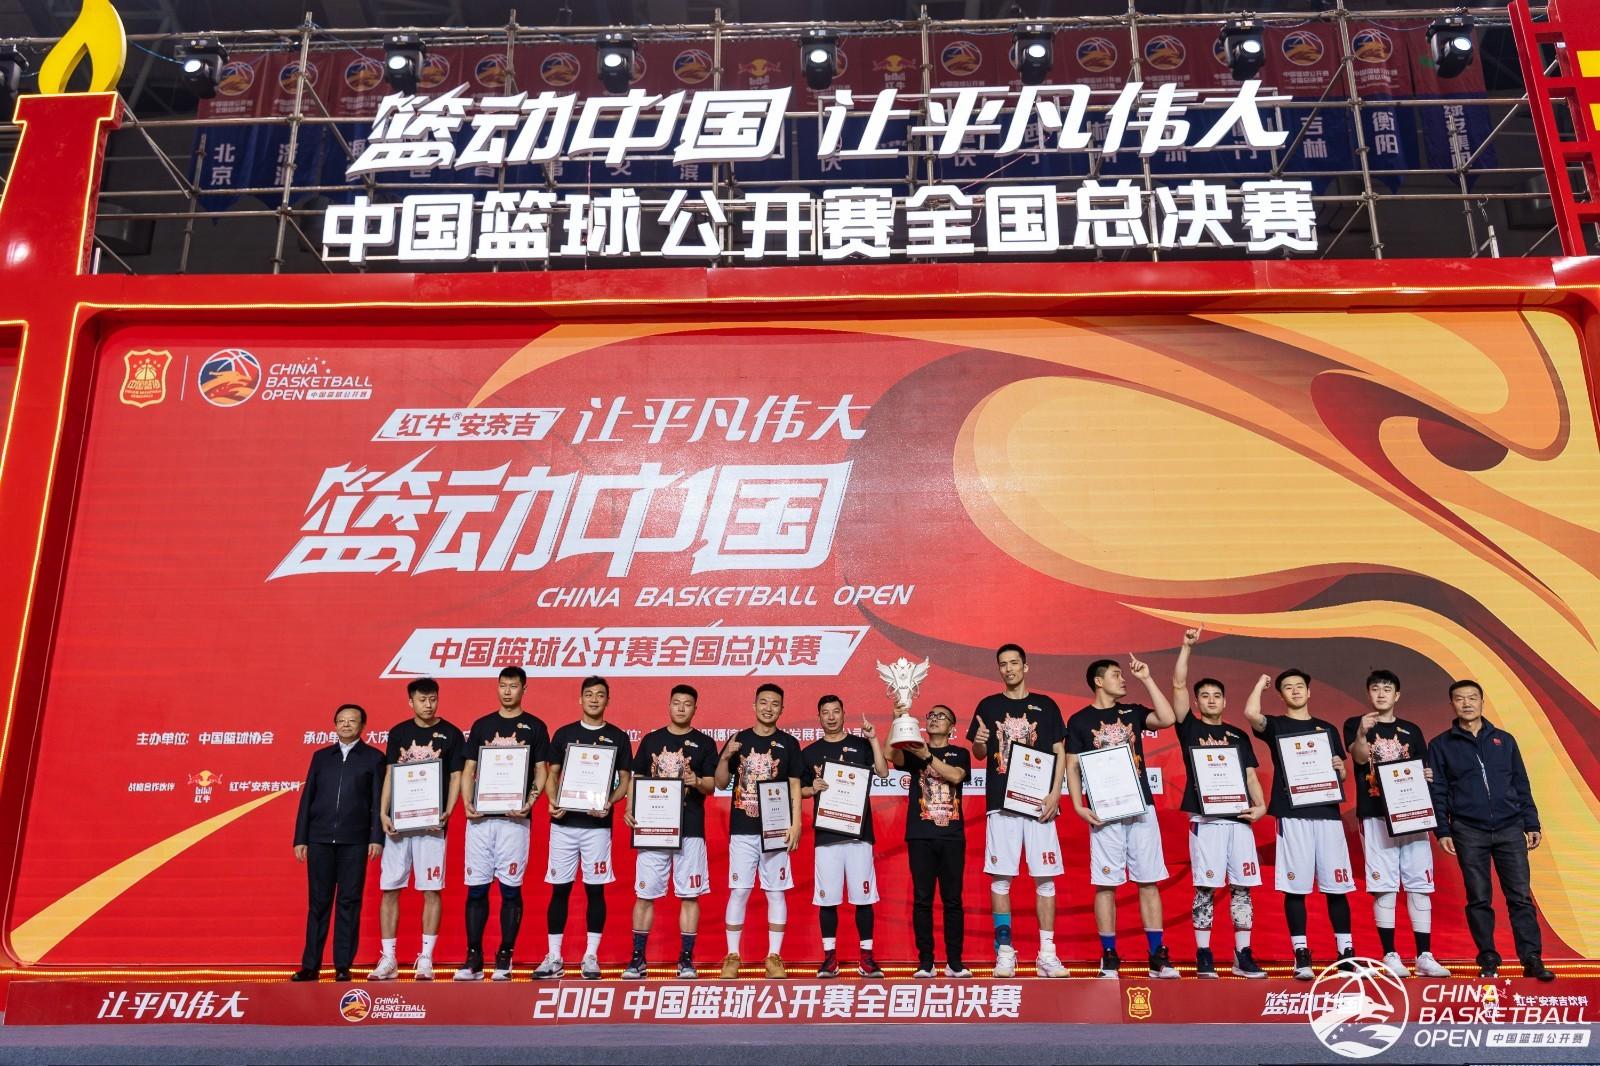 2019中国篮球公开赛落幕:杭州获男子总冠军清华夺女子总冠军